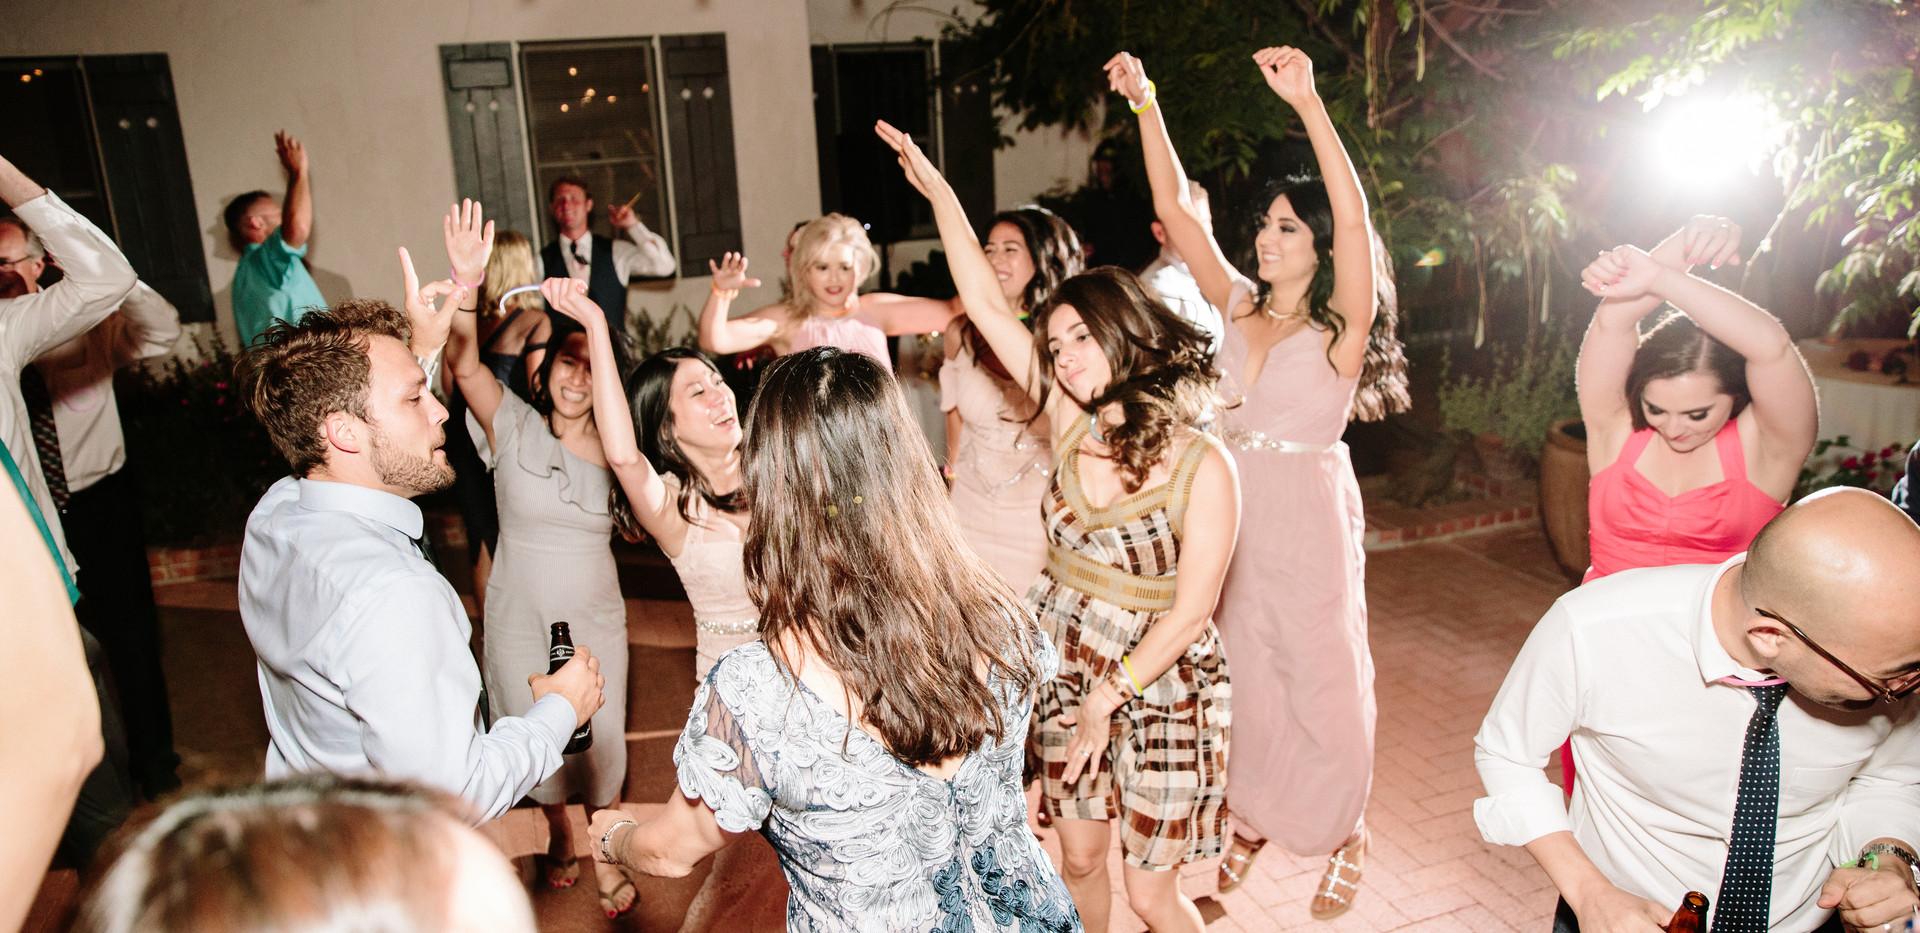 Guests Enjoy Fun Wedding Reception